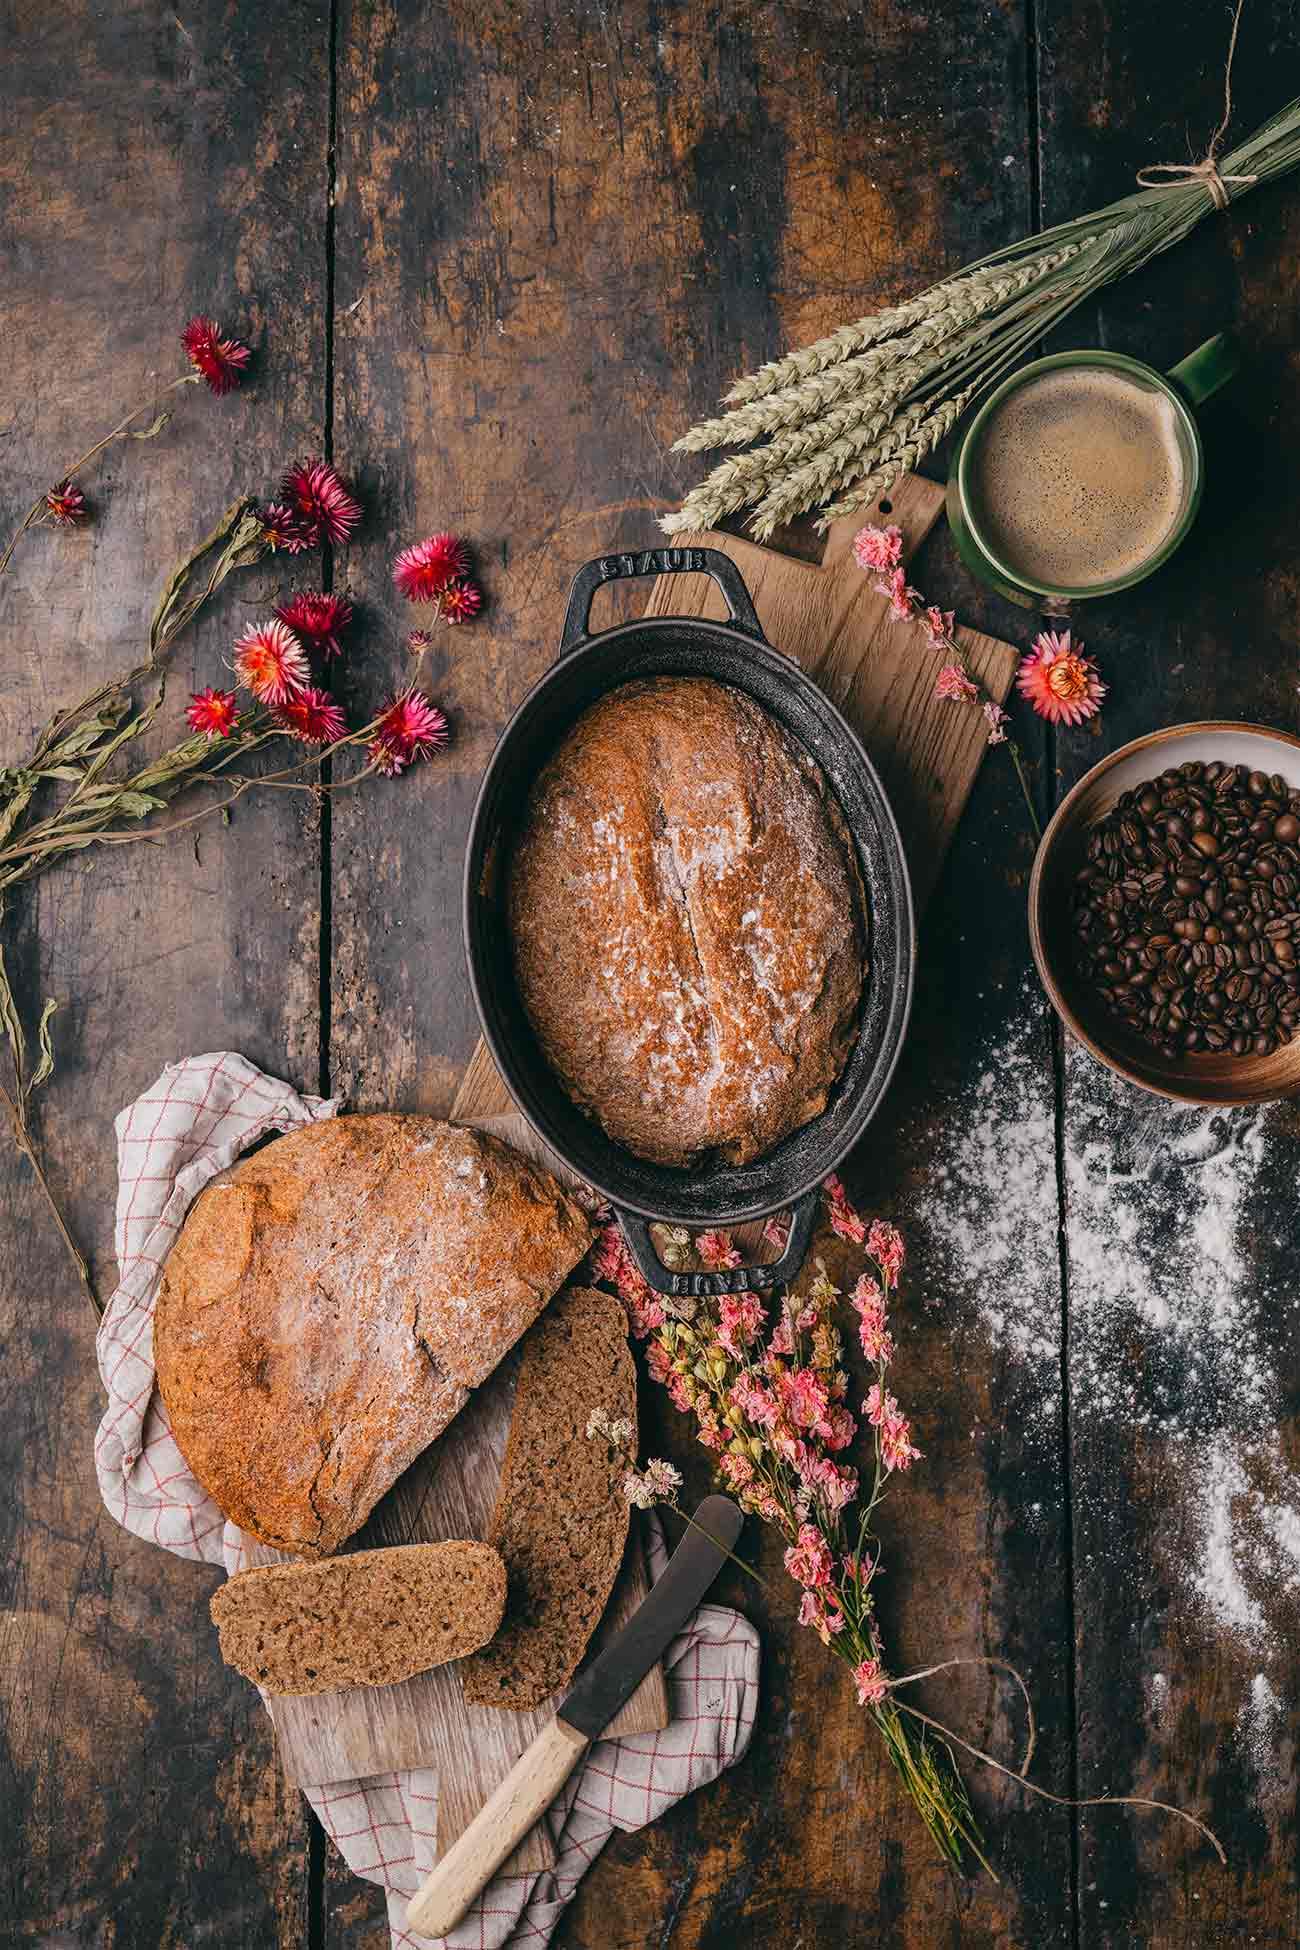 """Ein frisch gebackenes Brot riecht nicht nur unglaublich lecker, sondern schmeckt auch fantastisch. Auch wenn es kein Hexenwerk ist und unglaublich schnell """"zusammengerührt"""" ist, mache ich es einfach zu selten. Vielleicht ändert sich das jetzt, denn ich hab für meinen Partner Jacobs ein Kaffeebrot gebacken und als Zutat frisch gebrühten Jacobs Krönung Crema verwendet. Das gibt dem Brot eine tolle Würze. Und ich bin mir sicher, dass ihr es lieben werdet."""